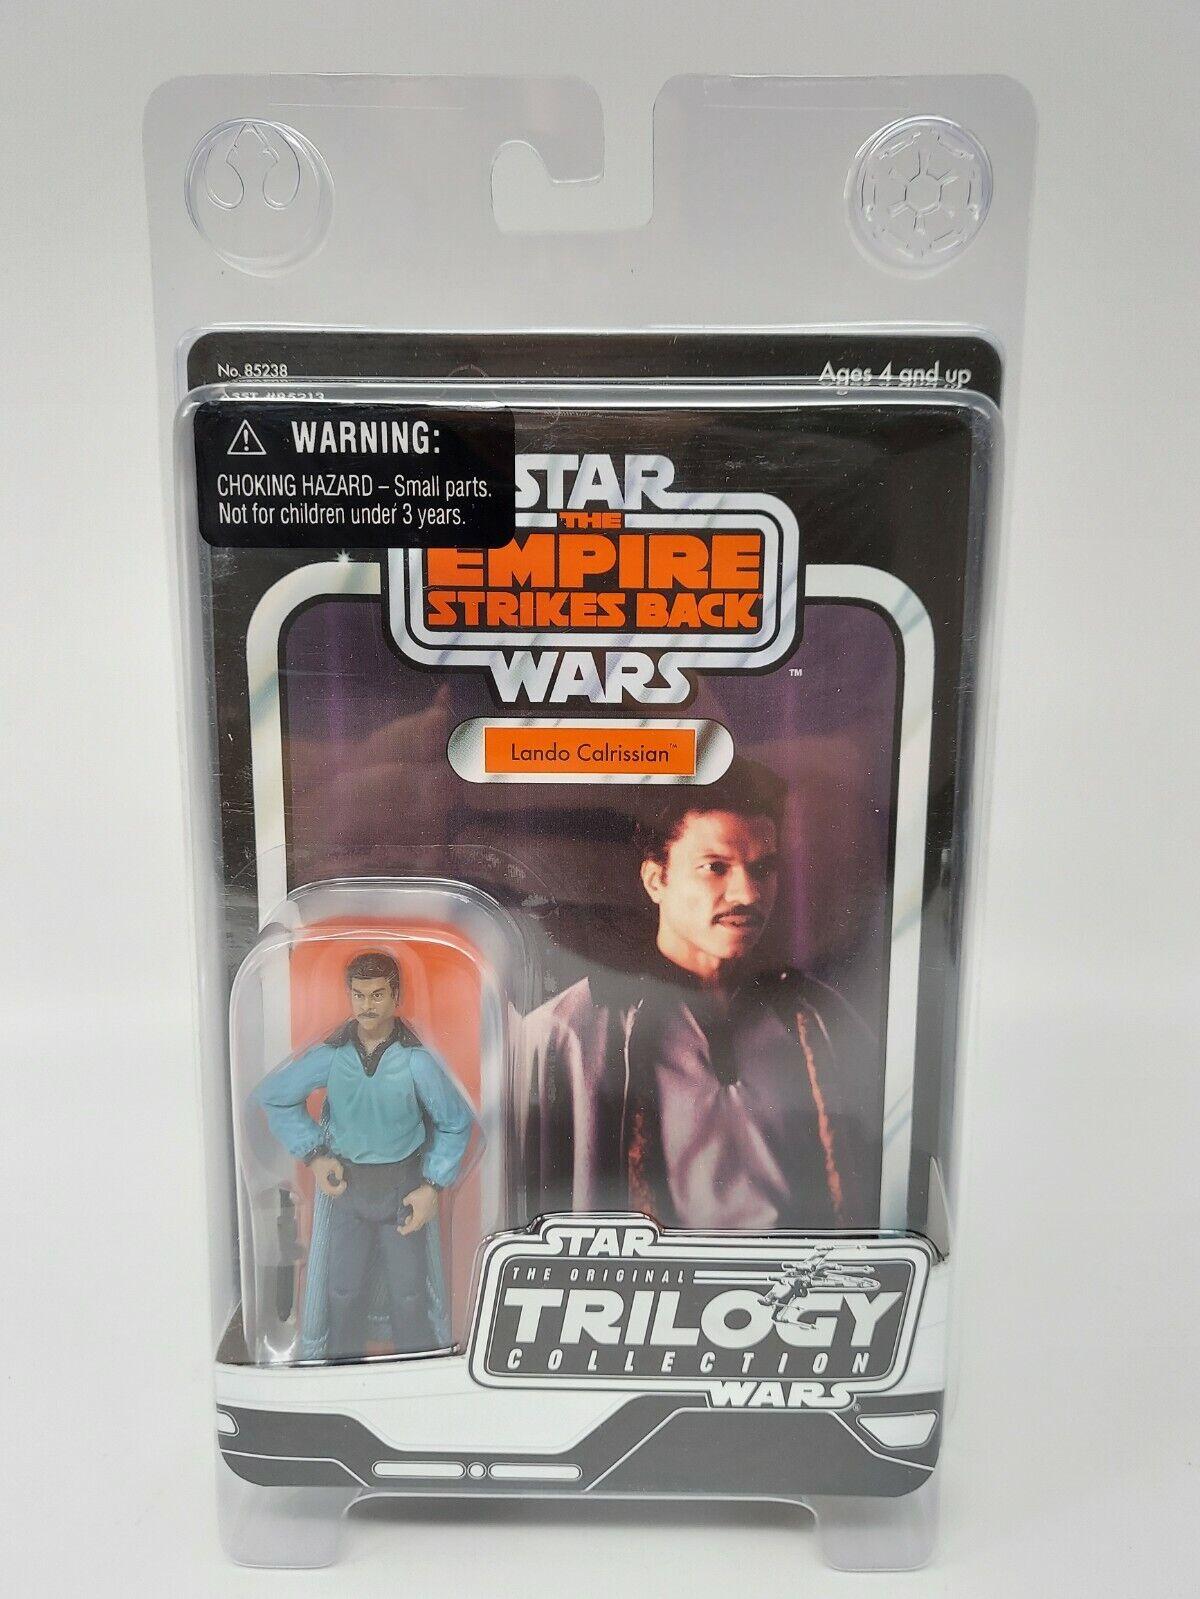 Star Wars Trilogy Collection Lando on Vintage Cardback - Factory Sealed